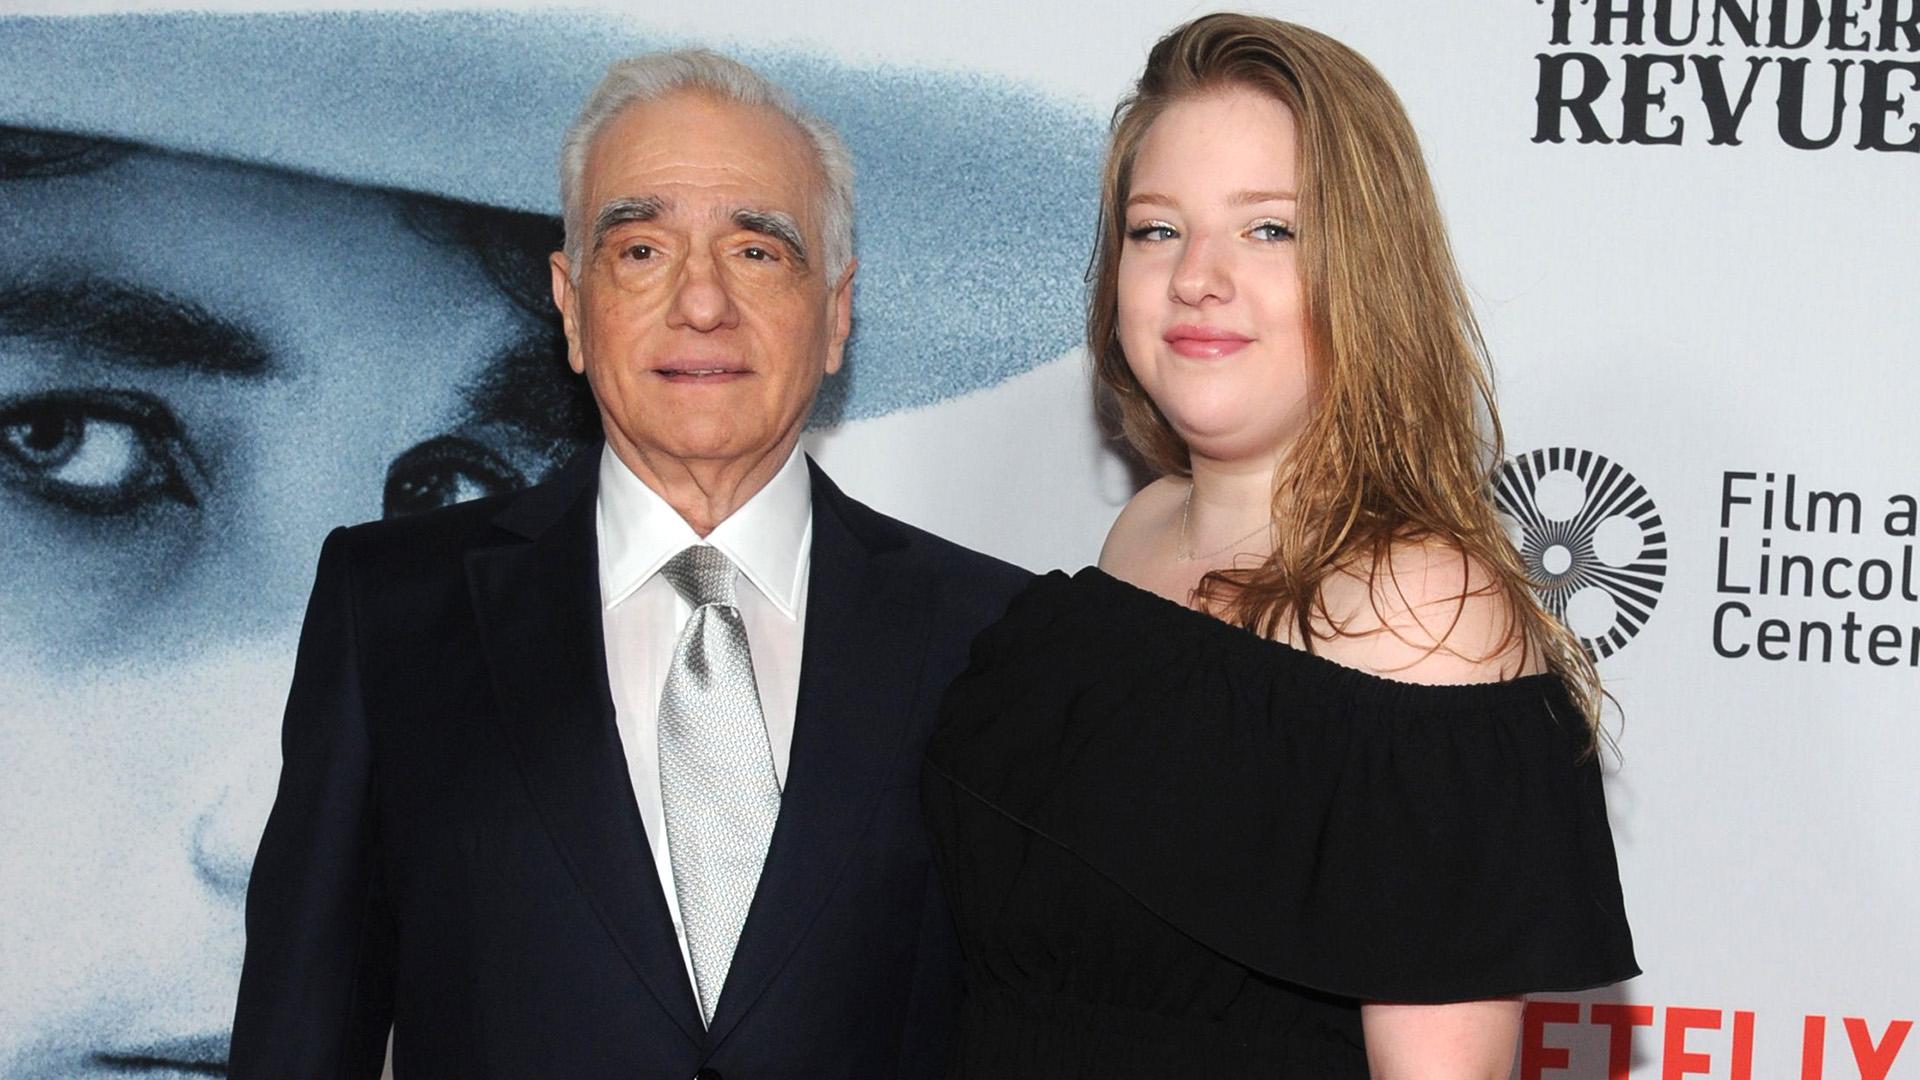 La hija de Martin Scorsese se burló de su padre por las declaraciones  contra Marvel Studios - Infobae